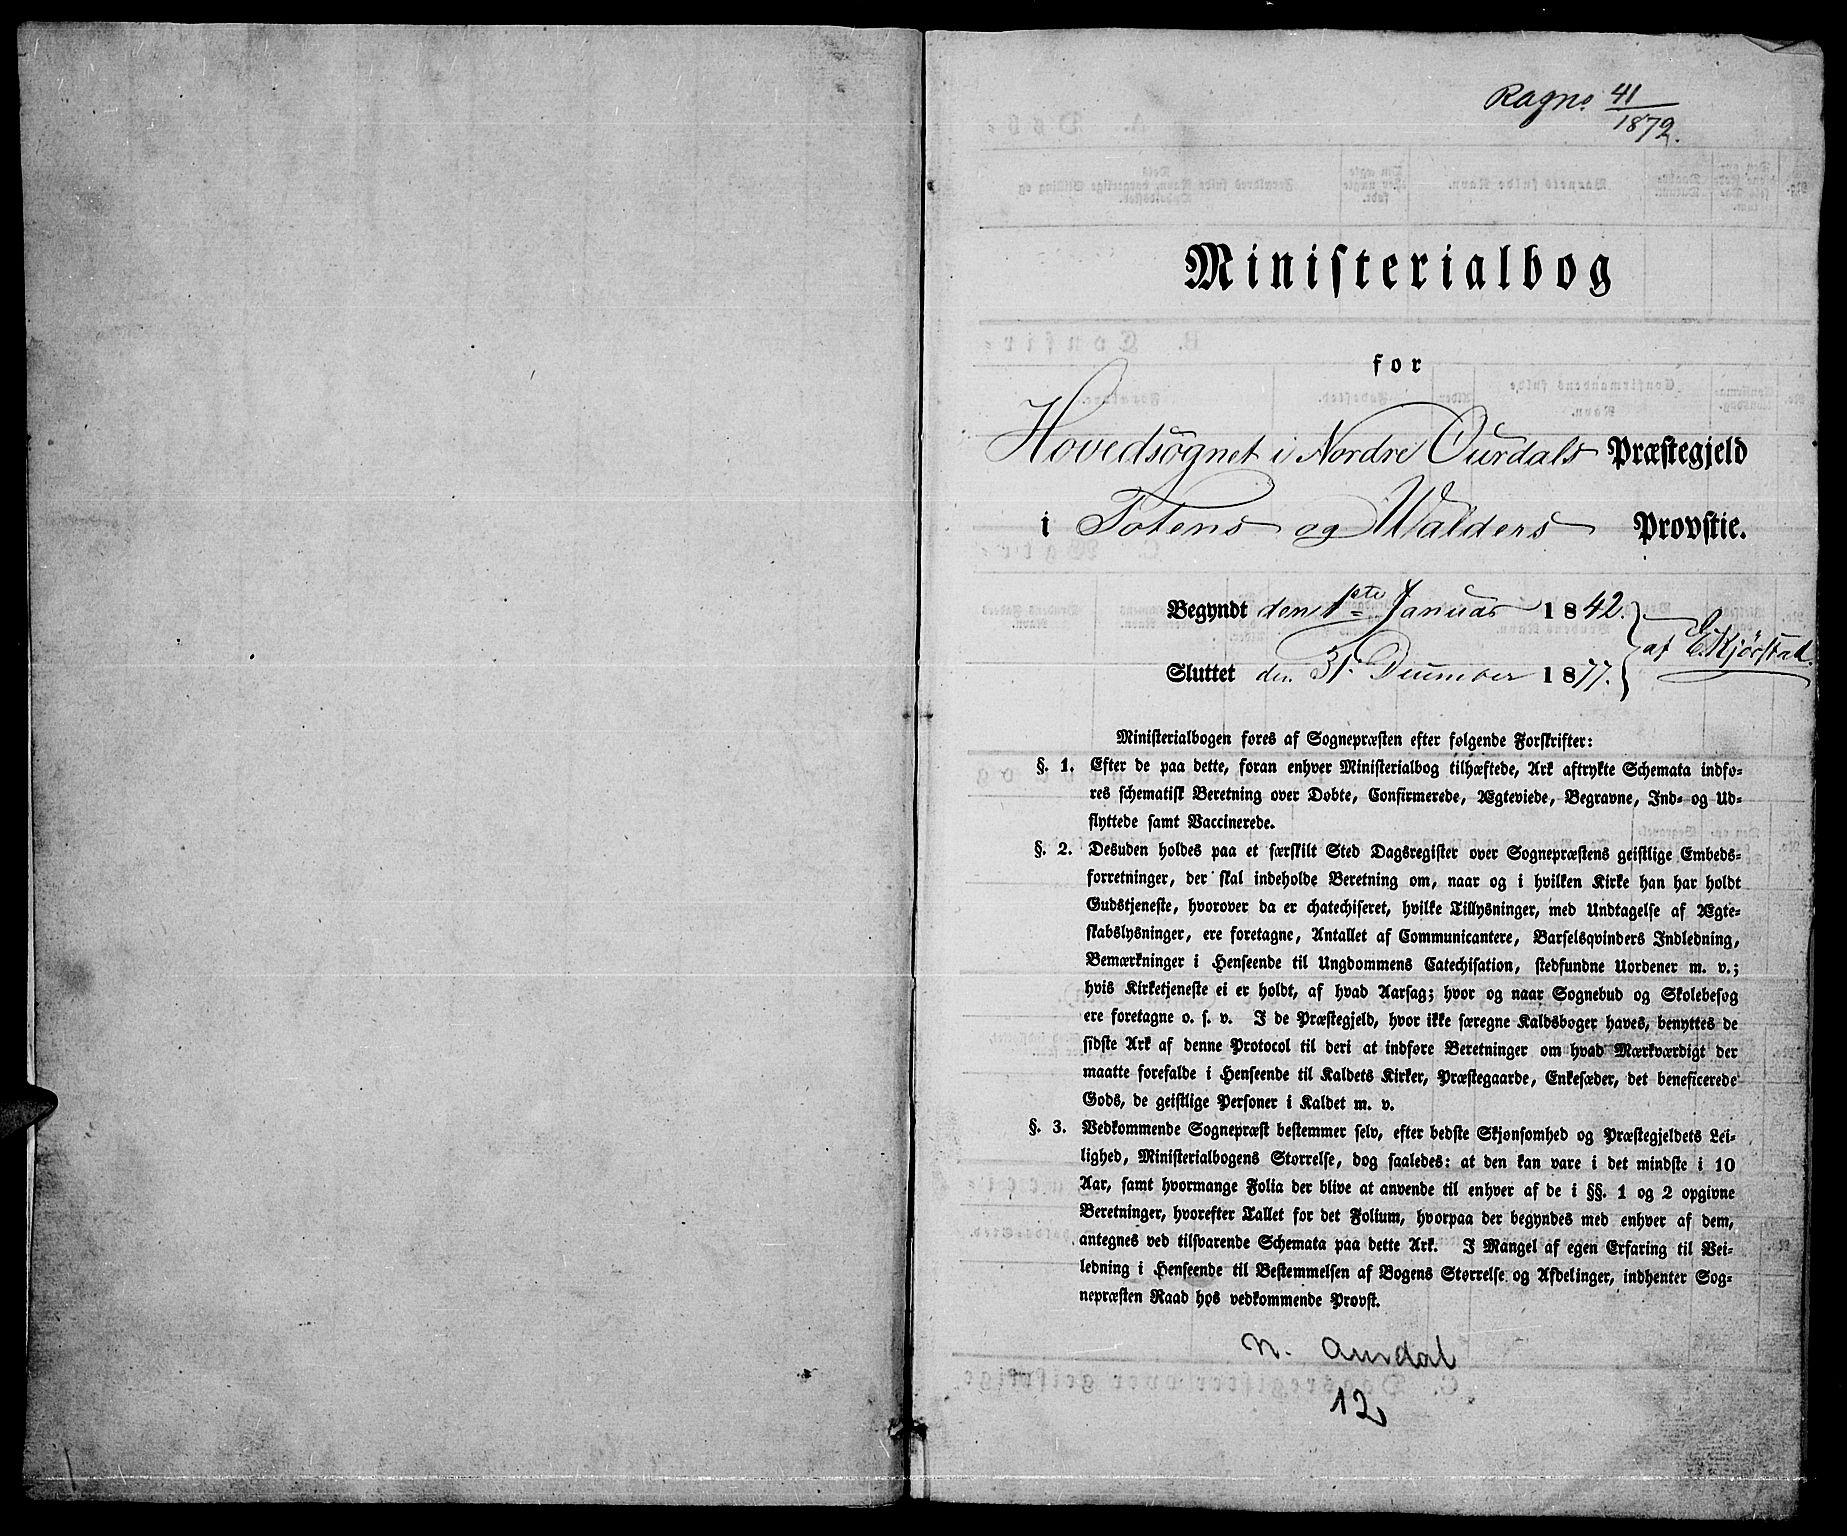 SAH, Nord-Aurdal prestekontor, Klokkerbok nr. 2, 1842-1877